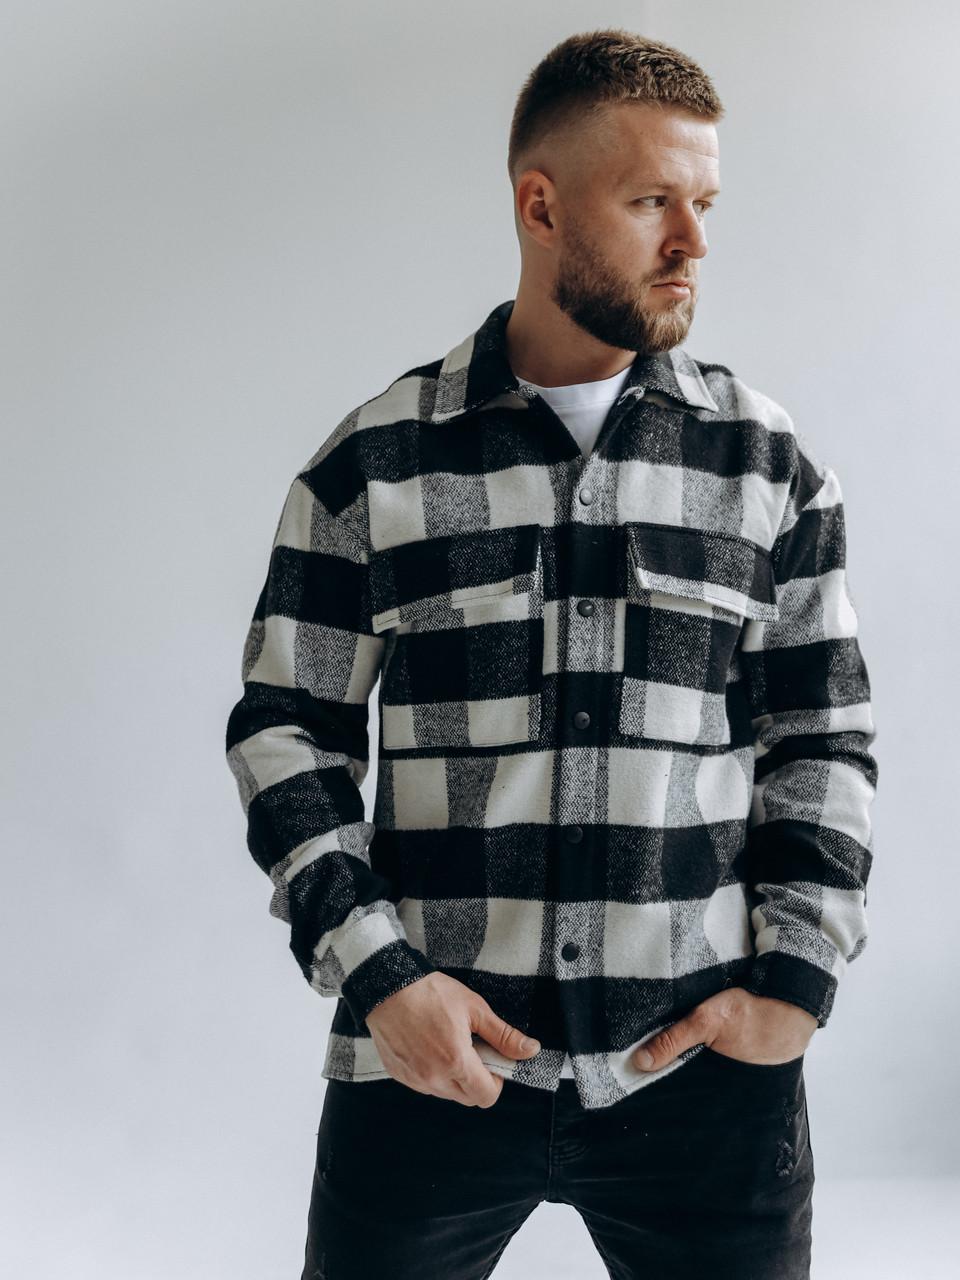 Картата чоловіча тепла байкова куртка-сорочка на гудзиках з кишенями чорно-сіра